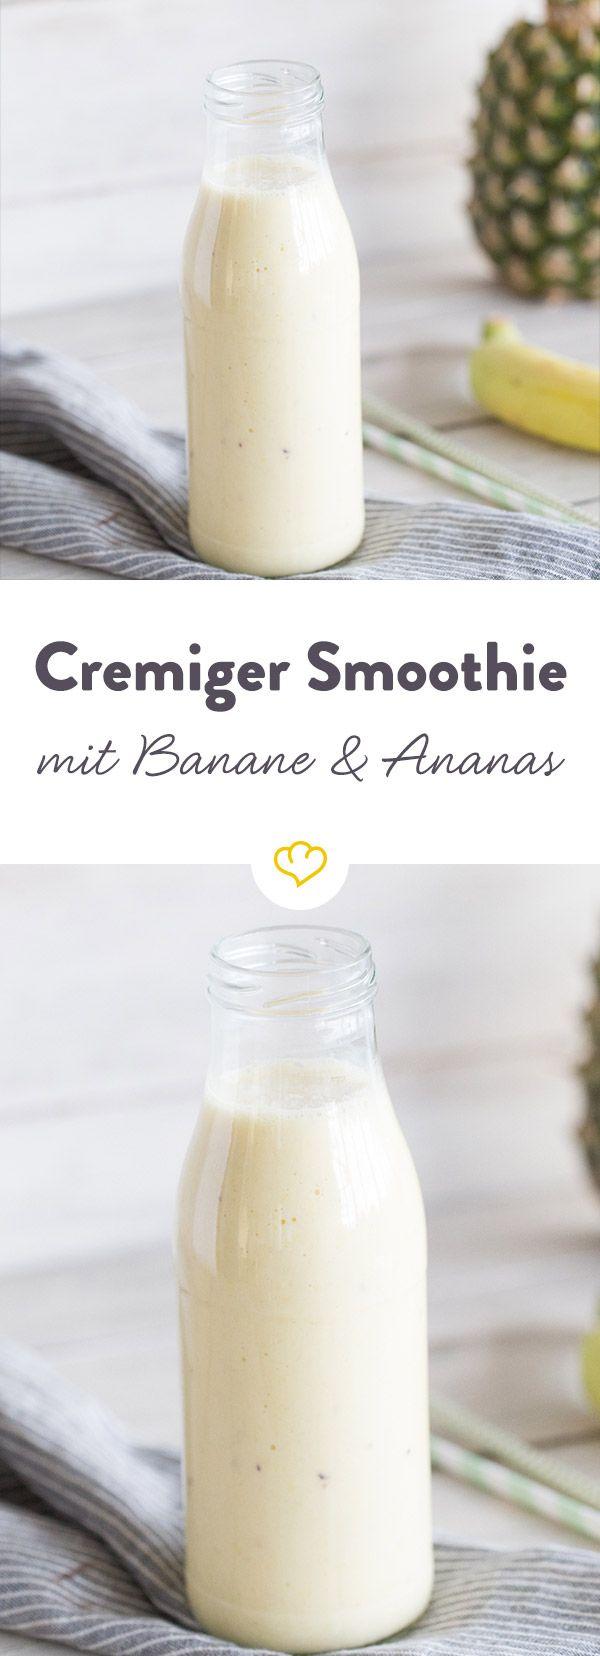 Cremiger Smoothie mit Banane, Ananas und Orange